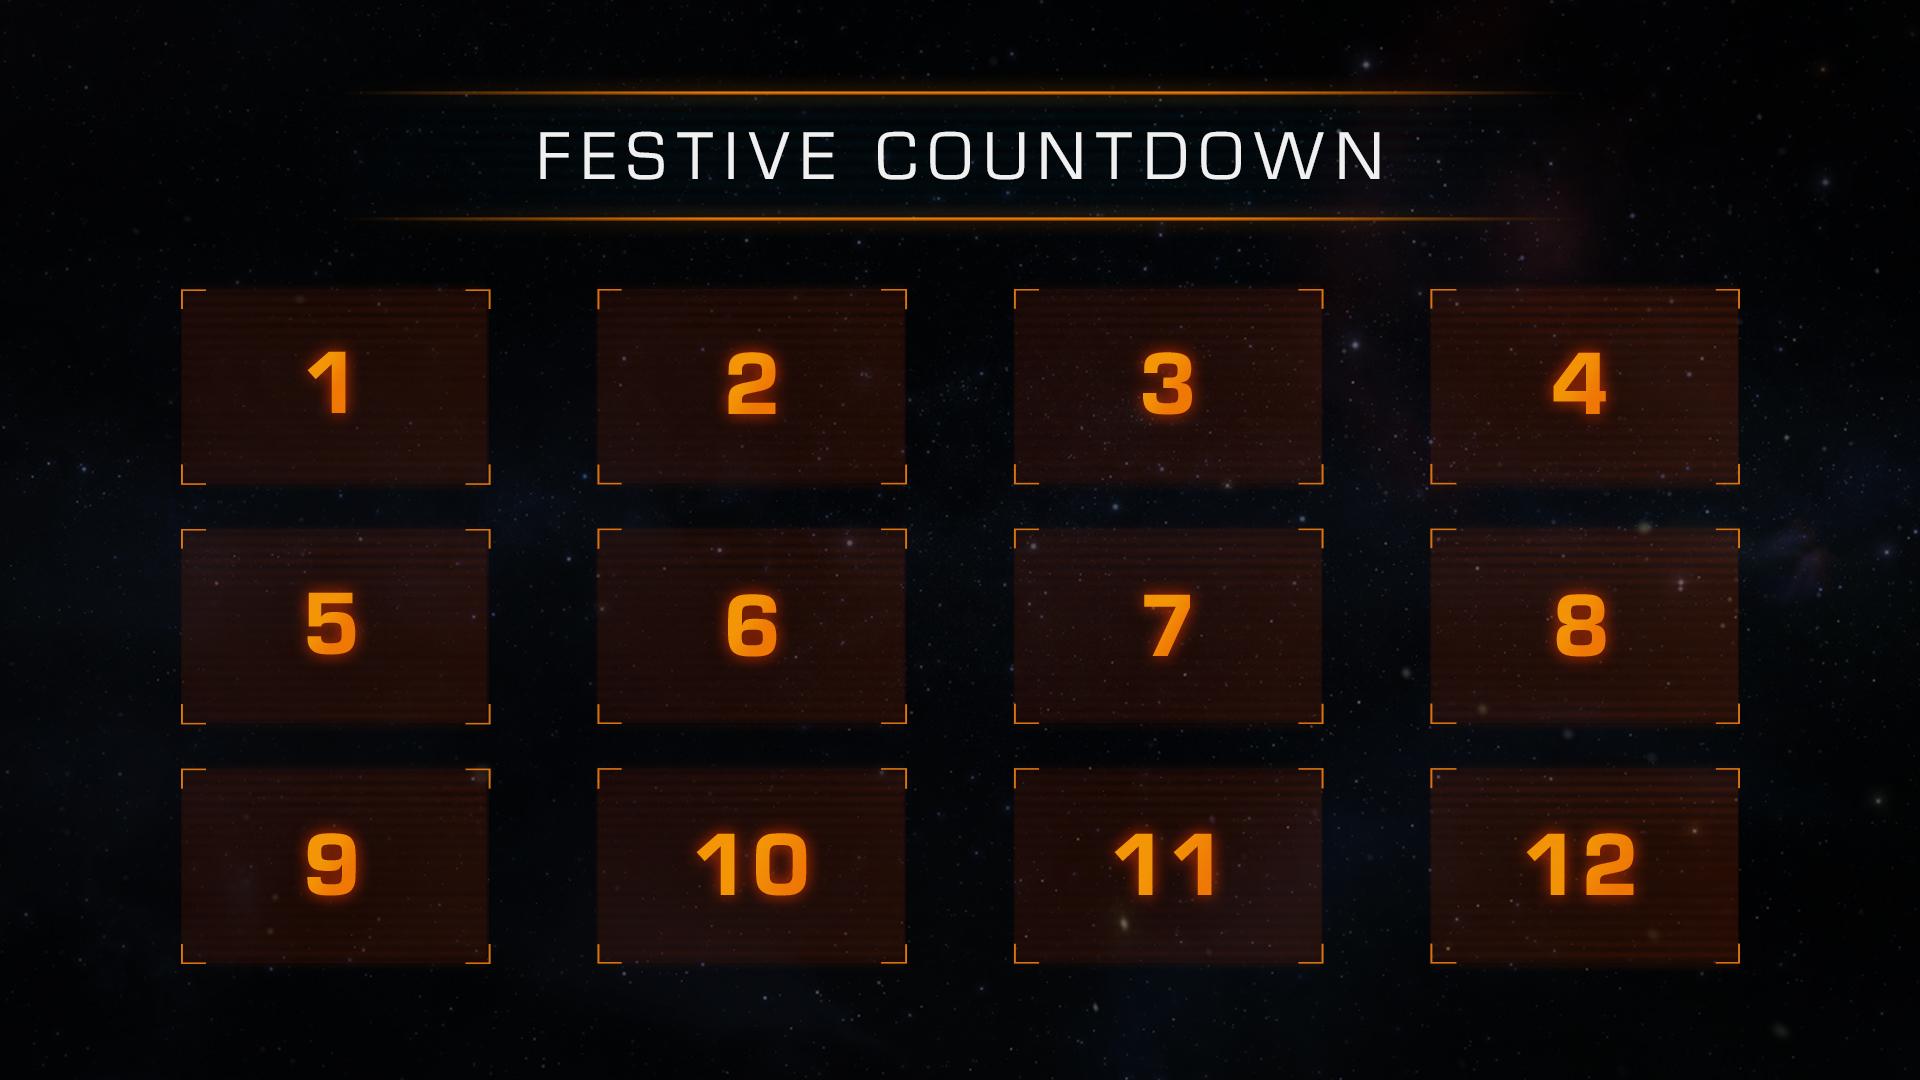 Elite_Christmas_Countdown_Twitter_Facebook_1920x1080.jpg